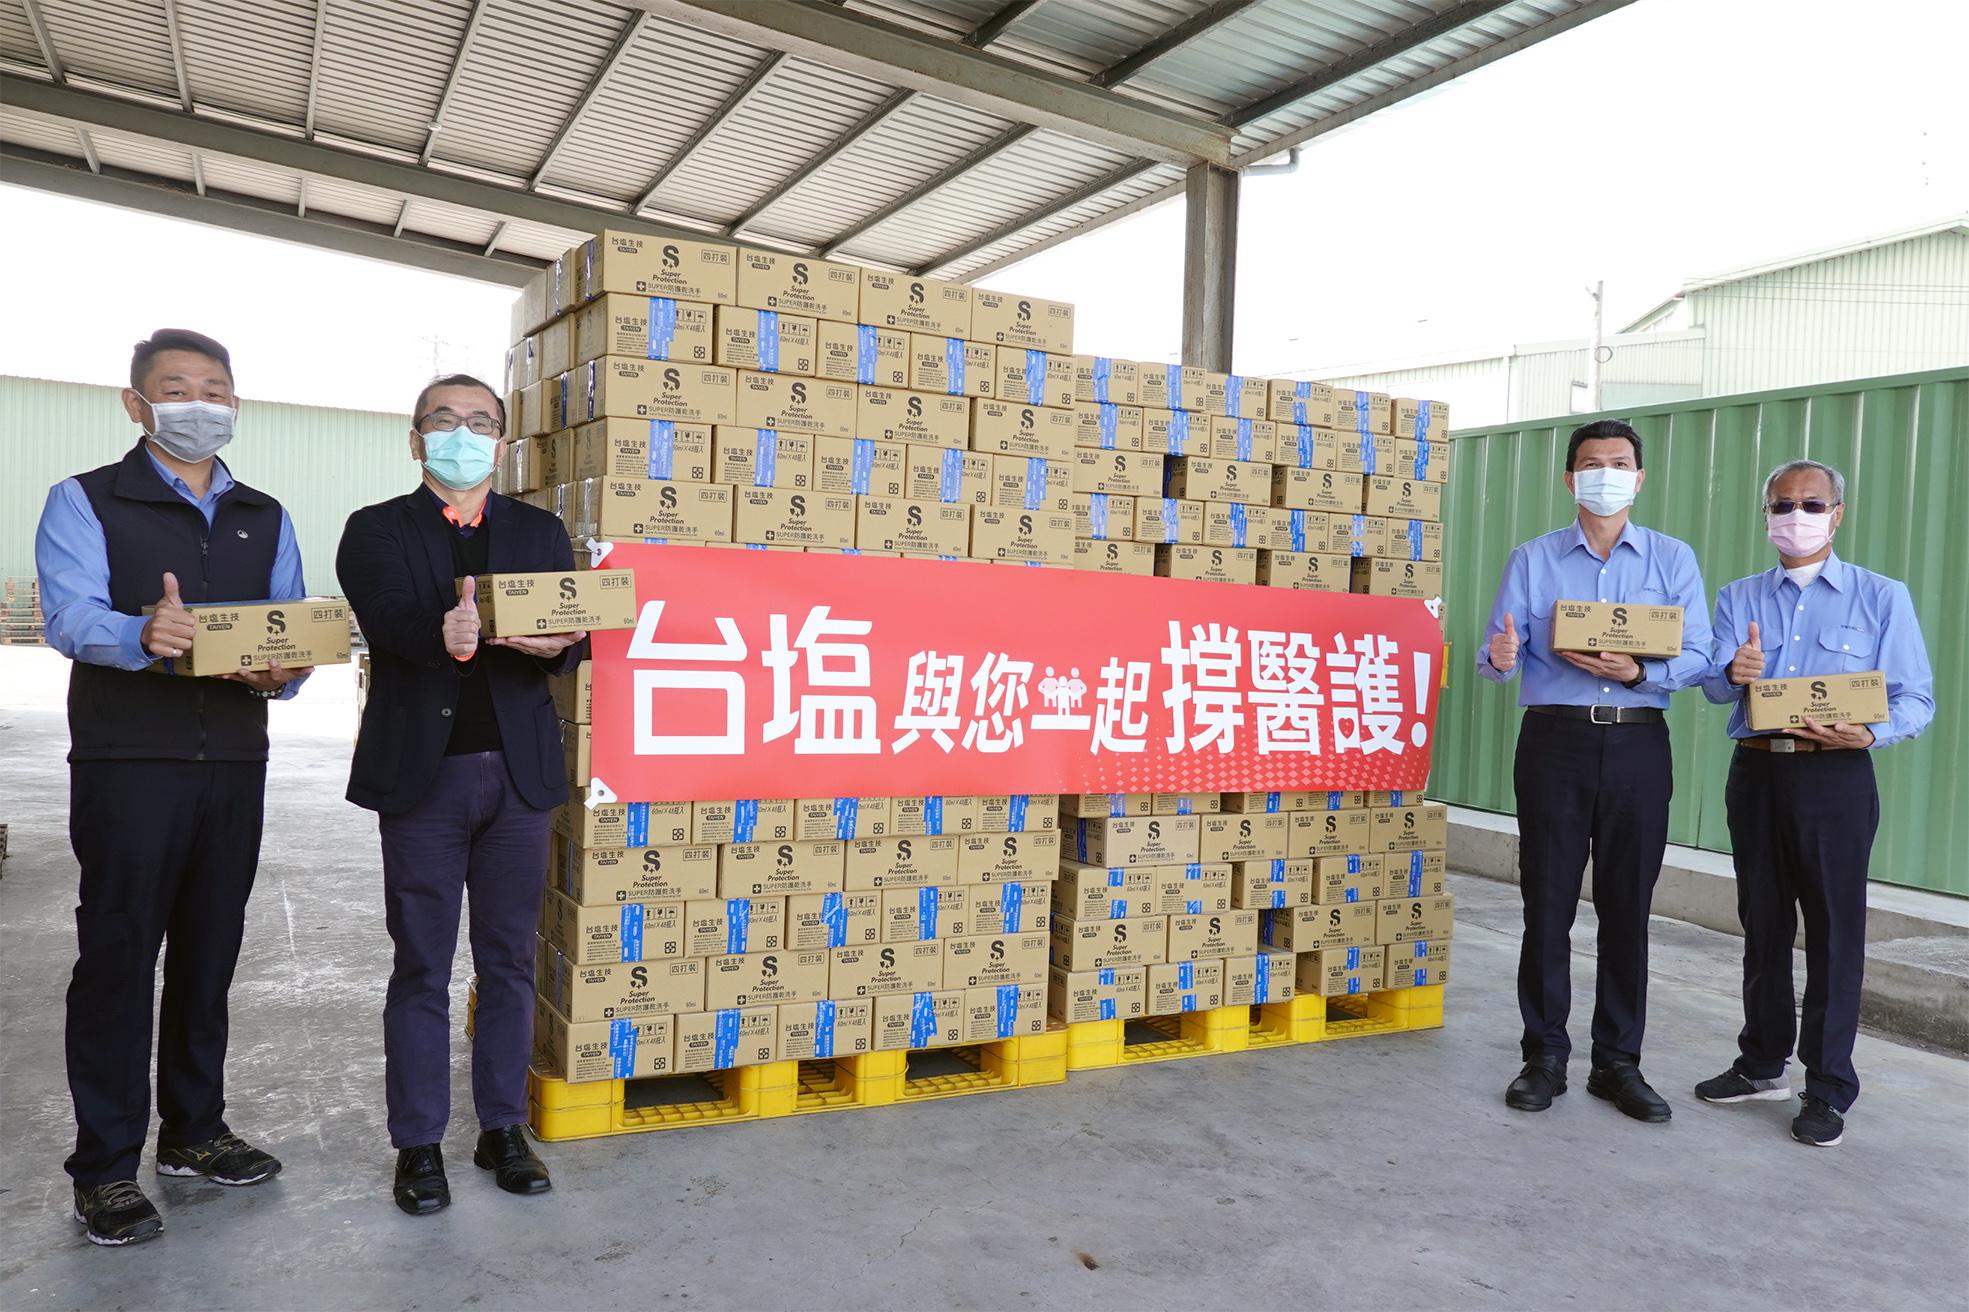 ↑國內疫情升溫,臺鹽公司全力生產「SUPER防護乾洗手」並捐贈予全台醫護,守護大家的健康。